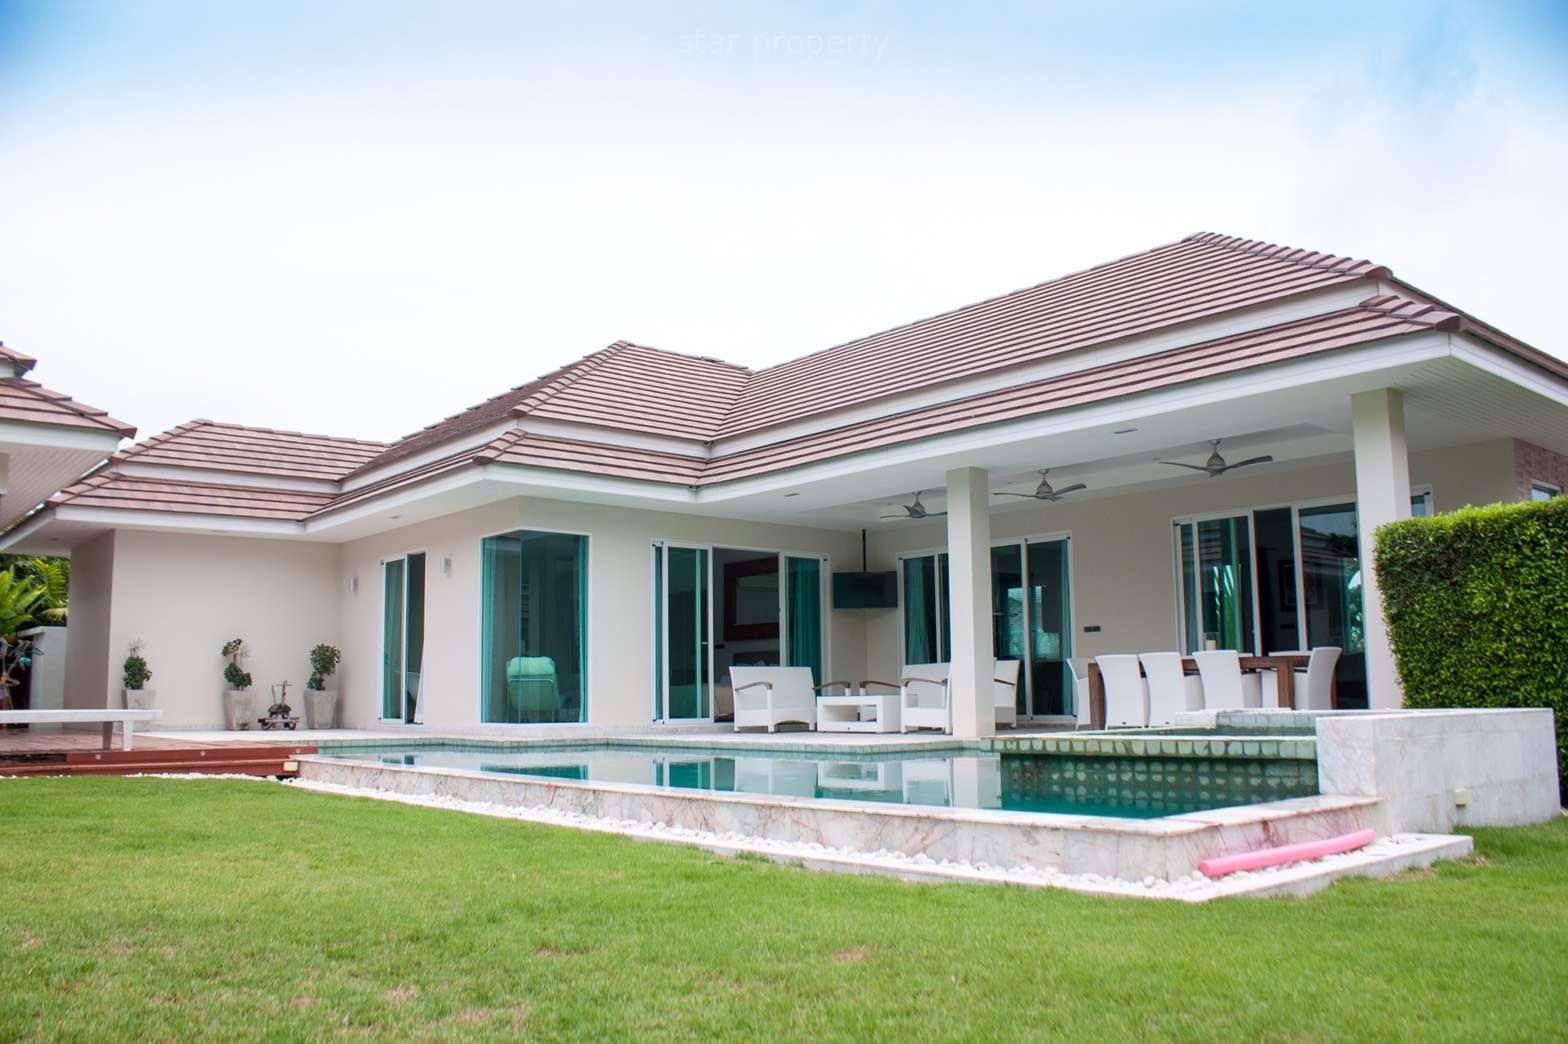 Beautifully Modern Home for Sale  Soi 88 at Hua Hin District, Prachuap Khiri Khan, Thailand